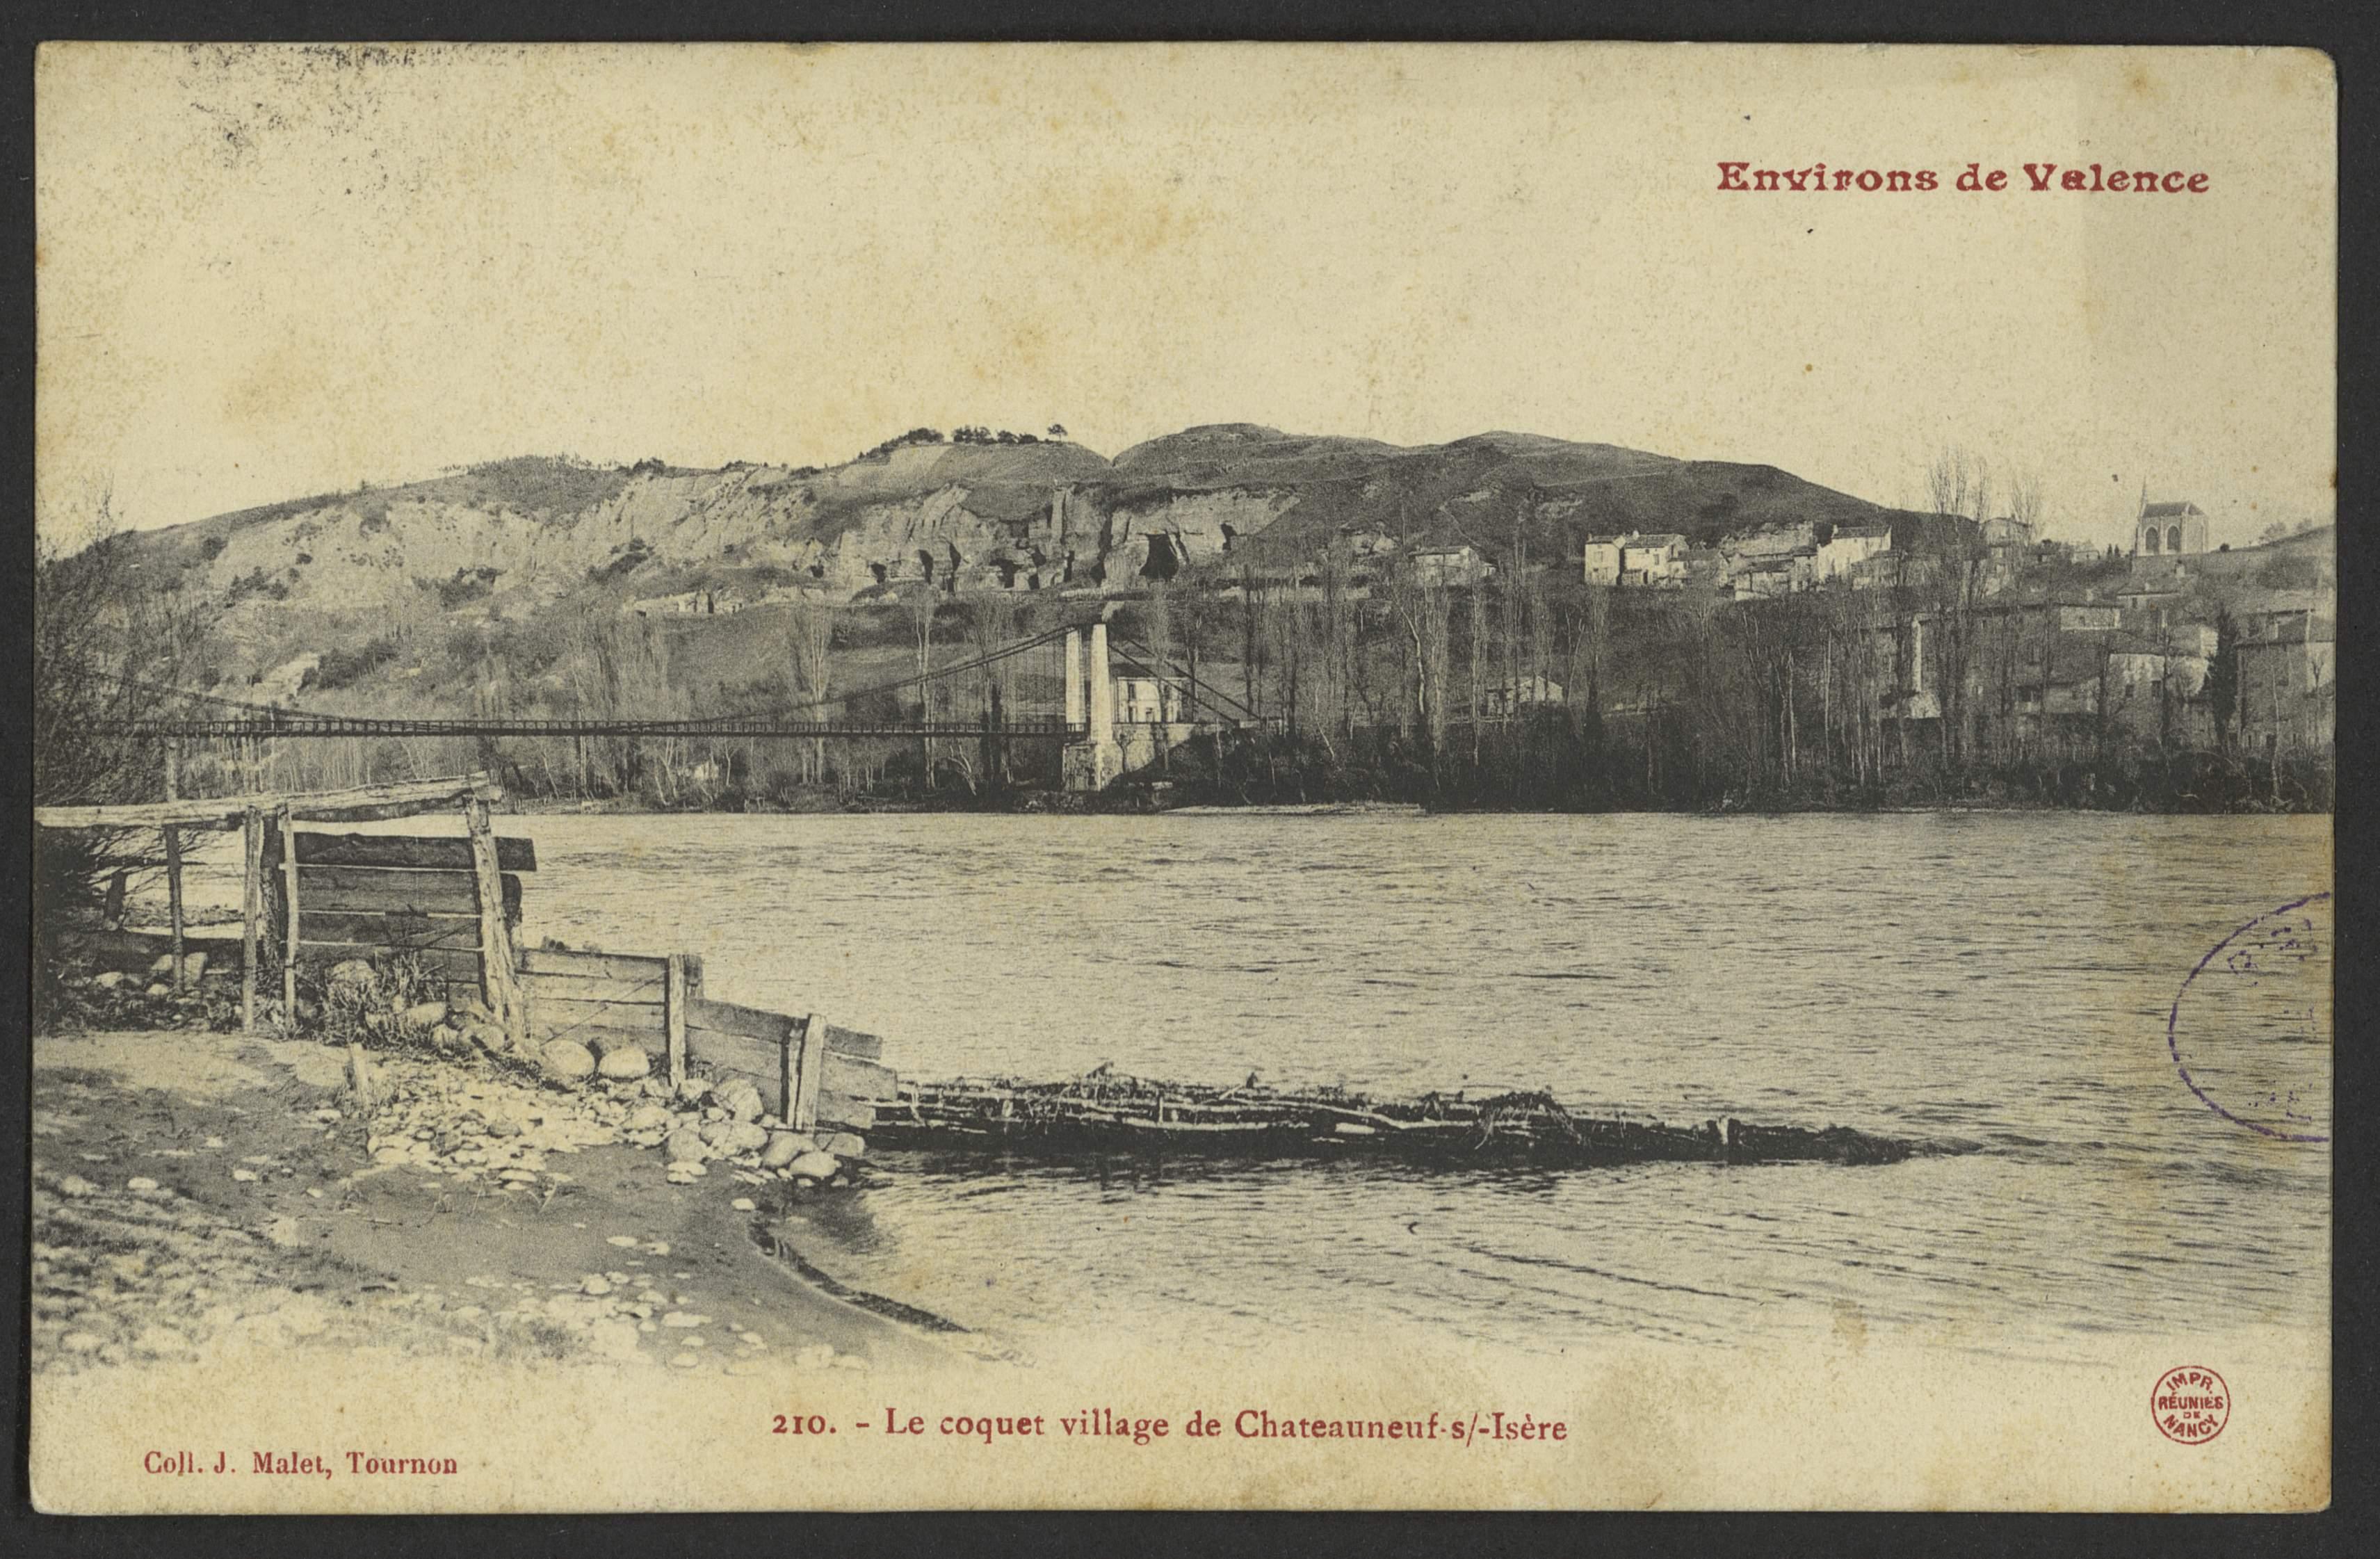 Le coquet village de Chateauneuf s/-Isère